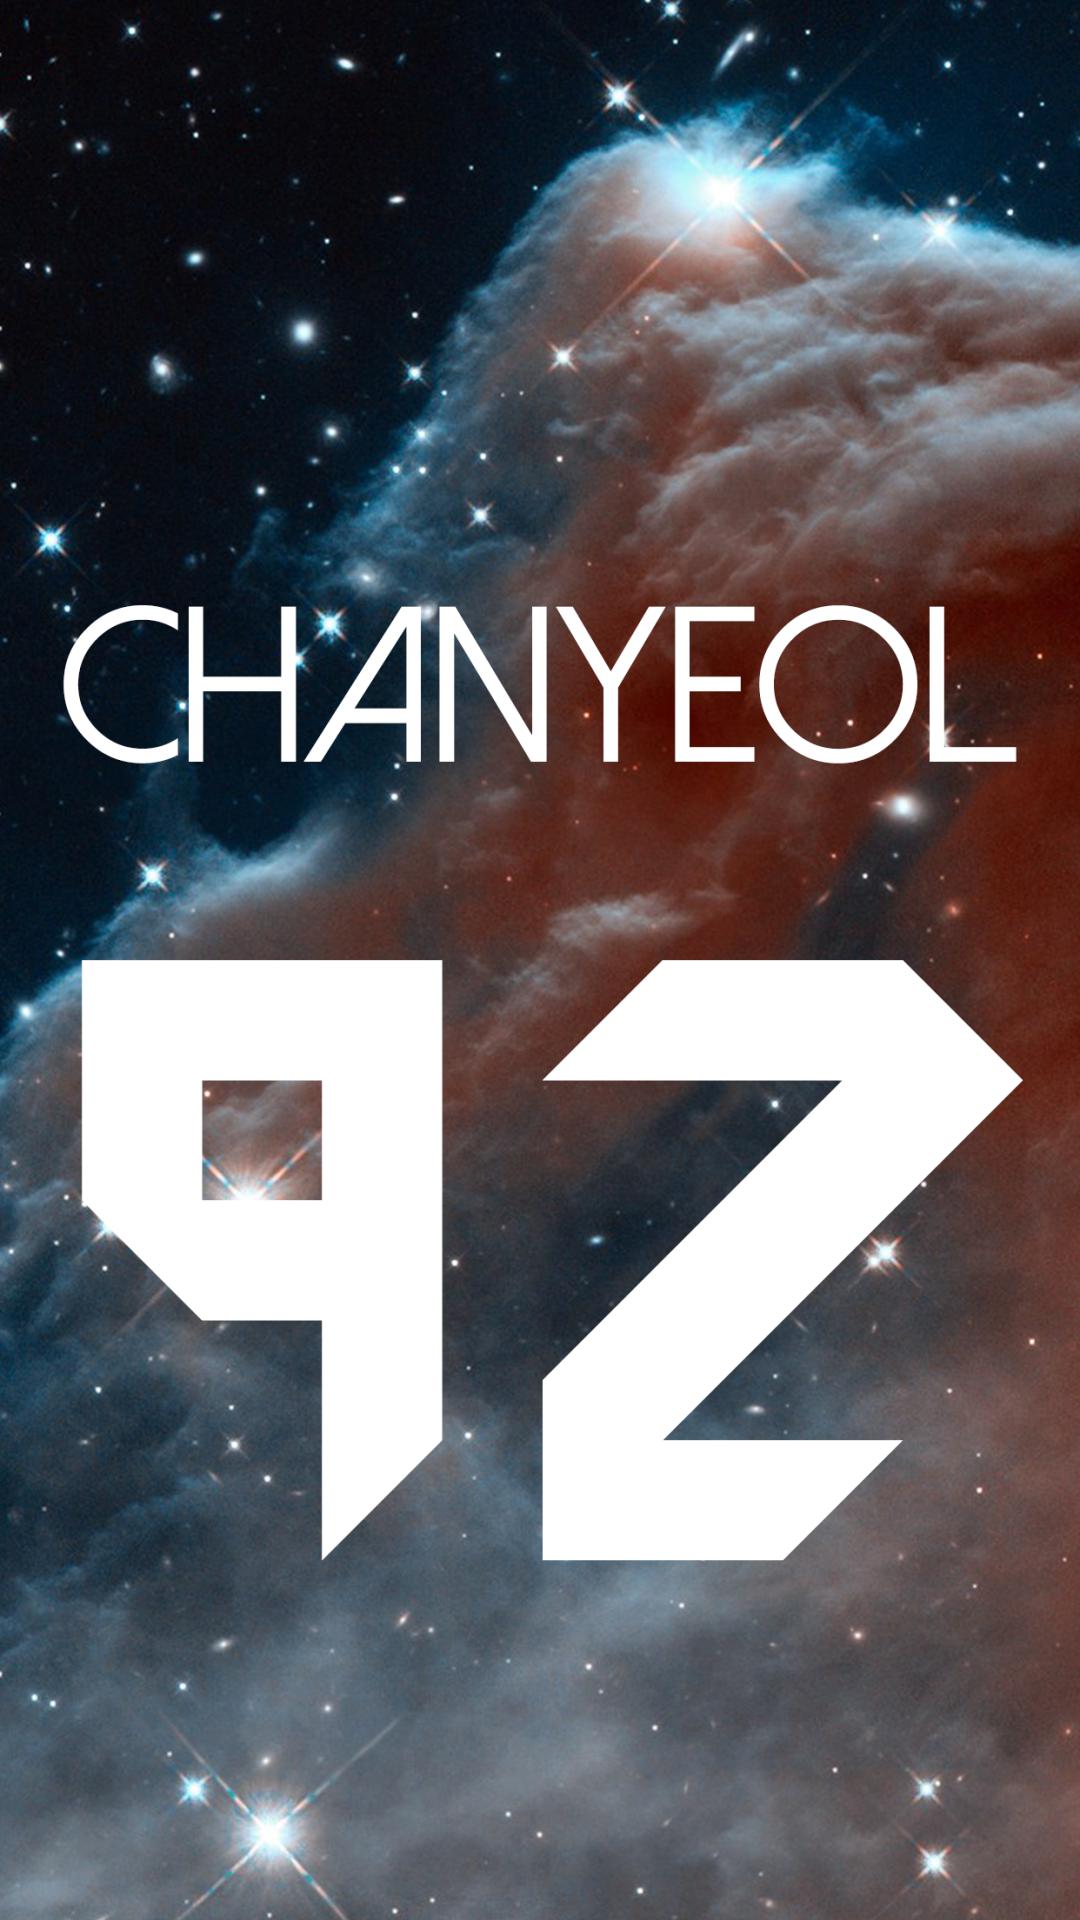 EXO Chanyeol wallpaper for phone *EXO* Pinterest